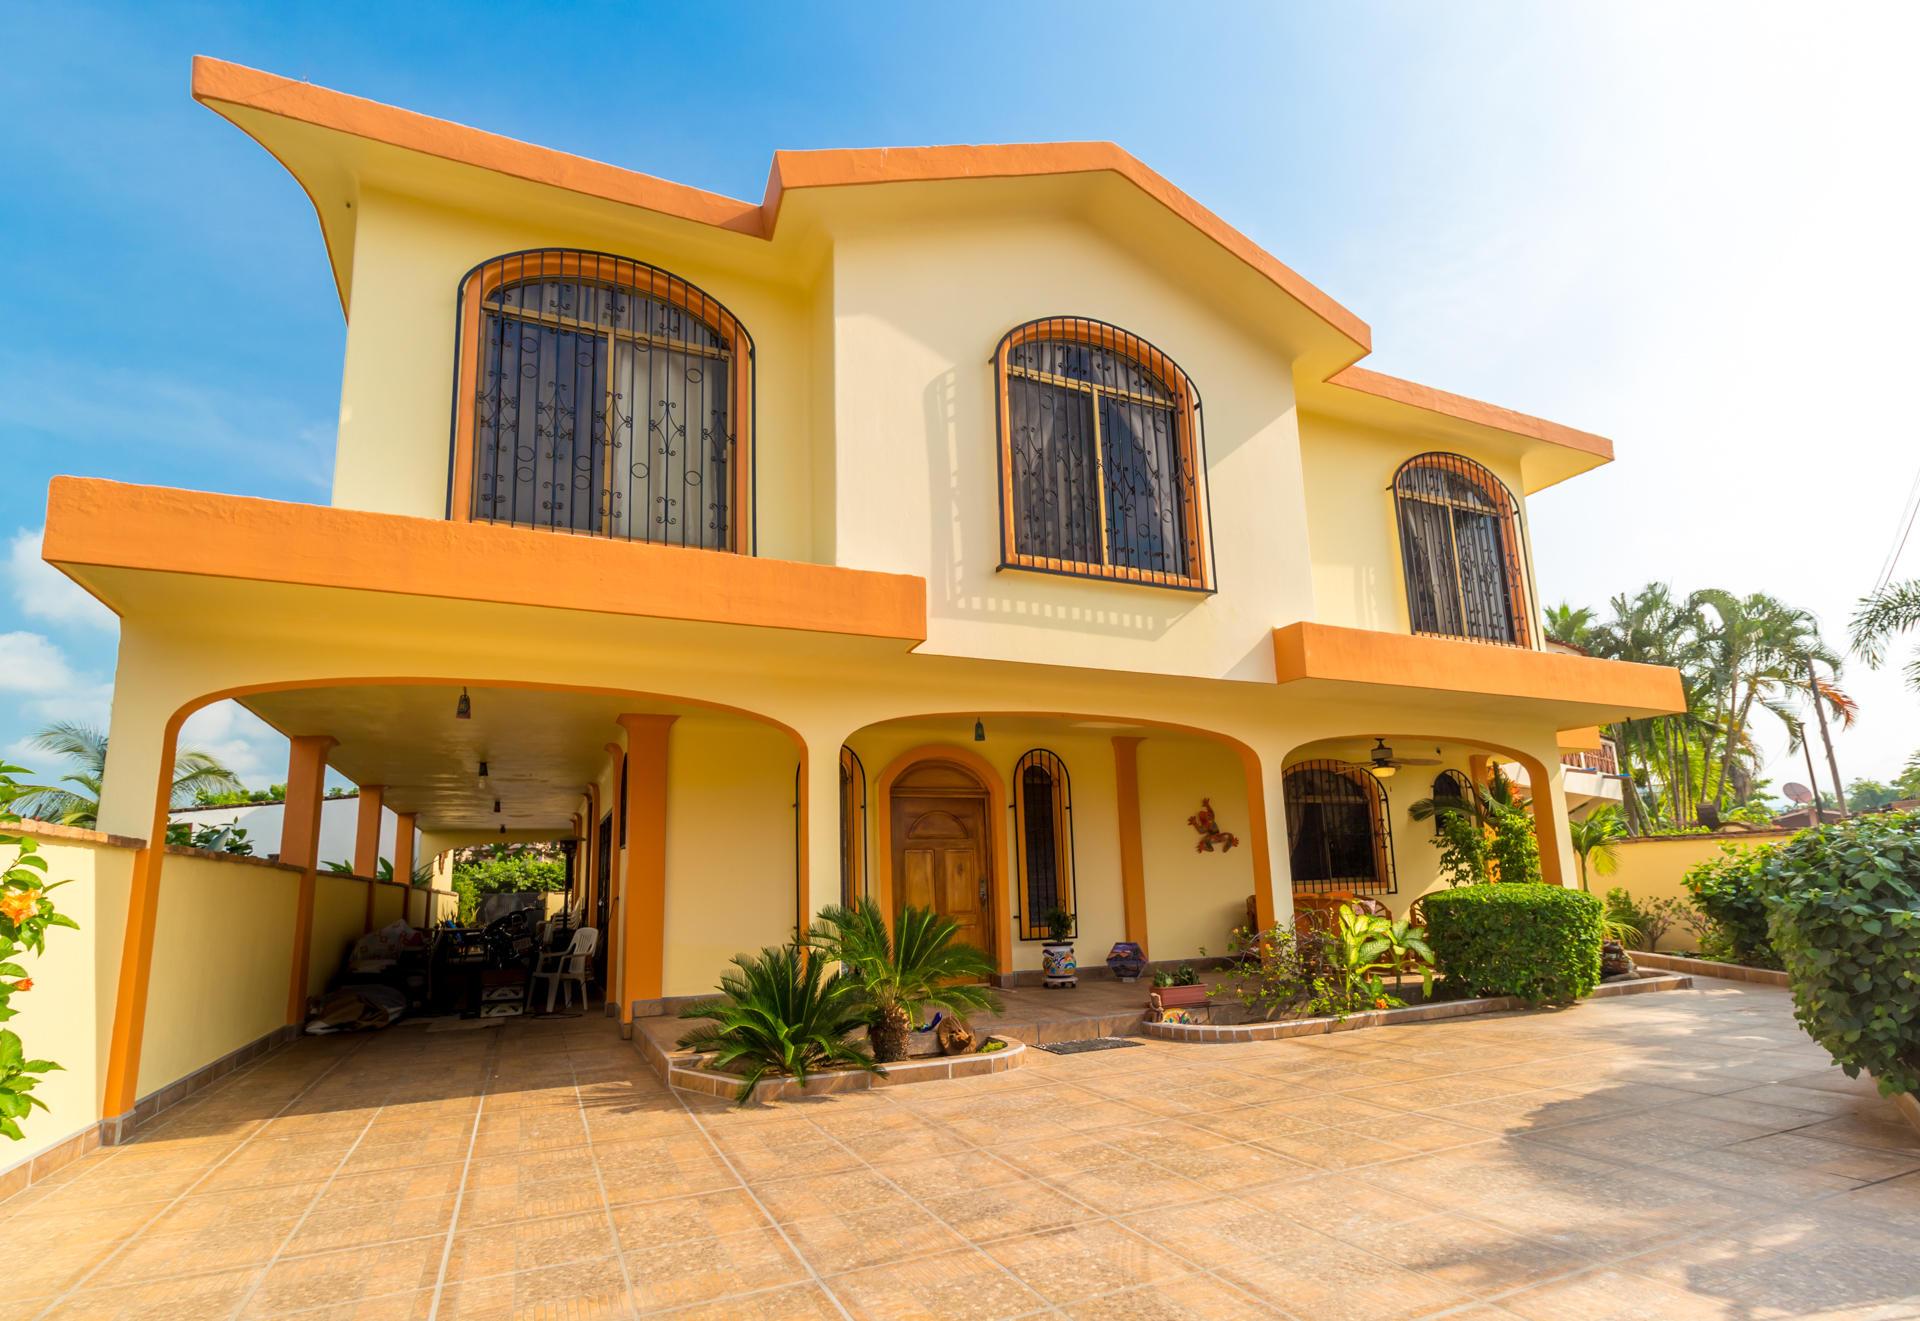 Casa Golondrinas